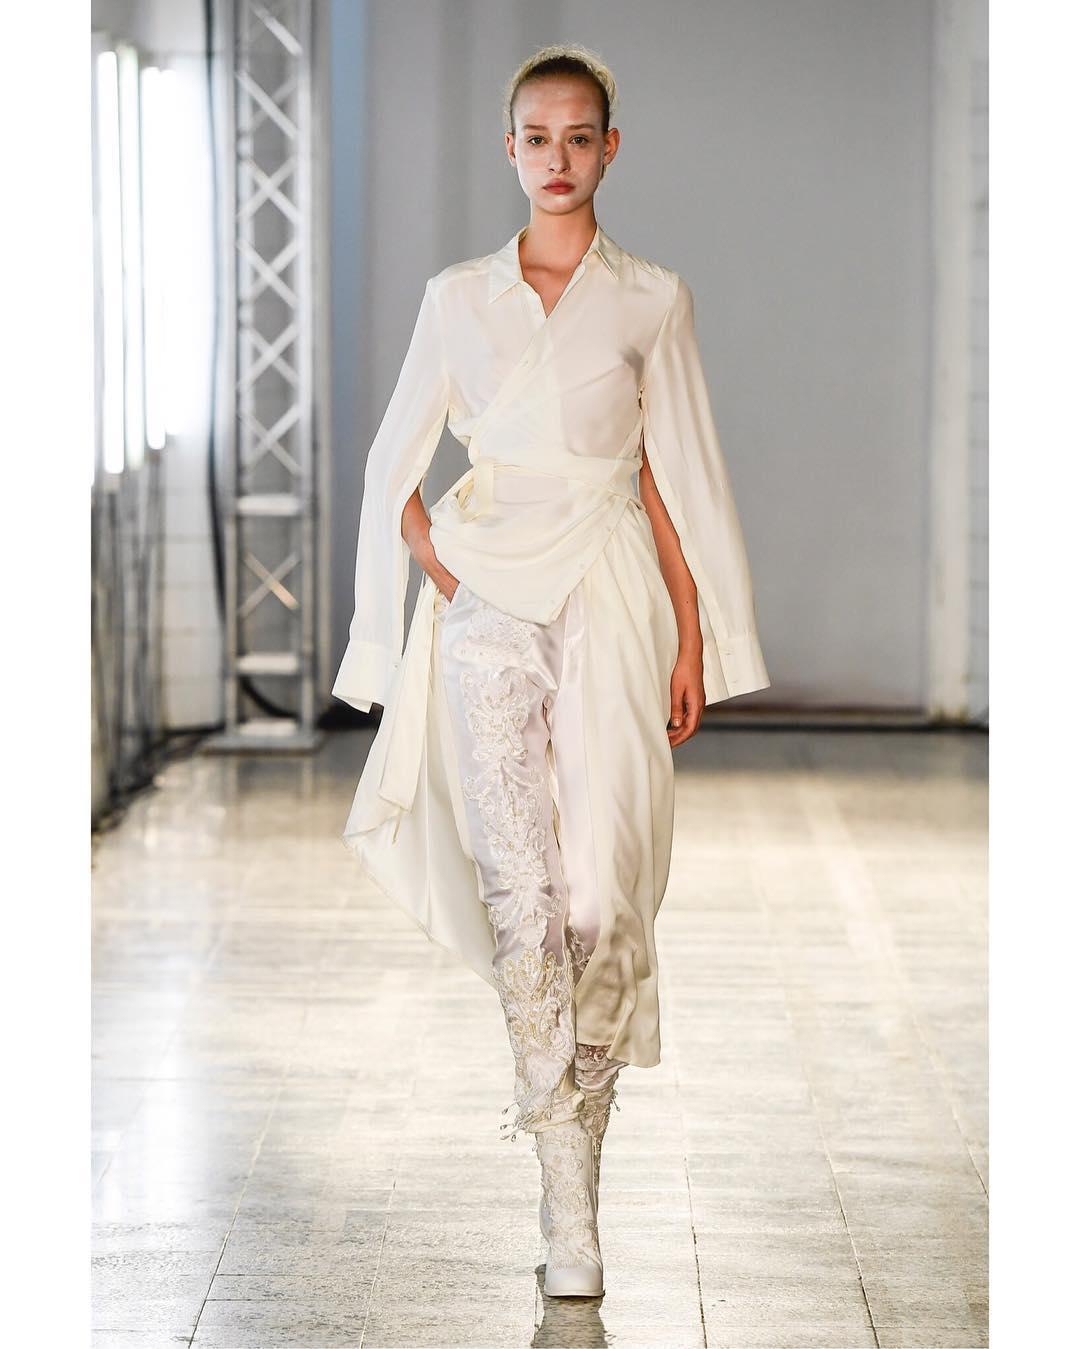 dc770955001d MFW SS19: AF Vandevorst - High on Fashion